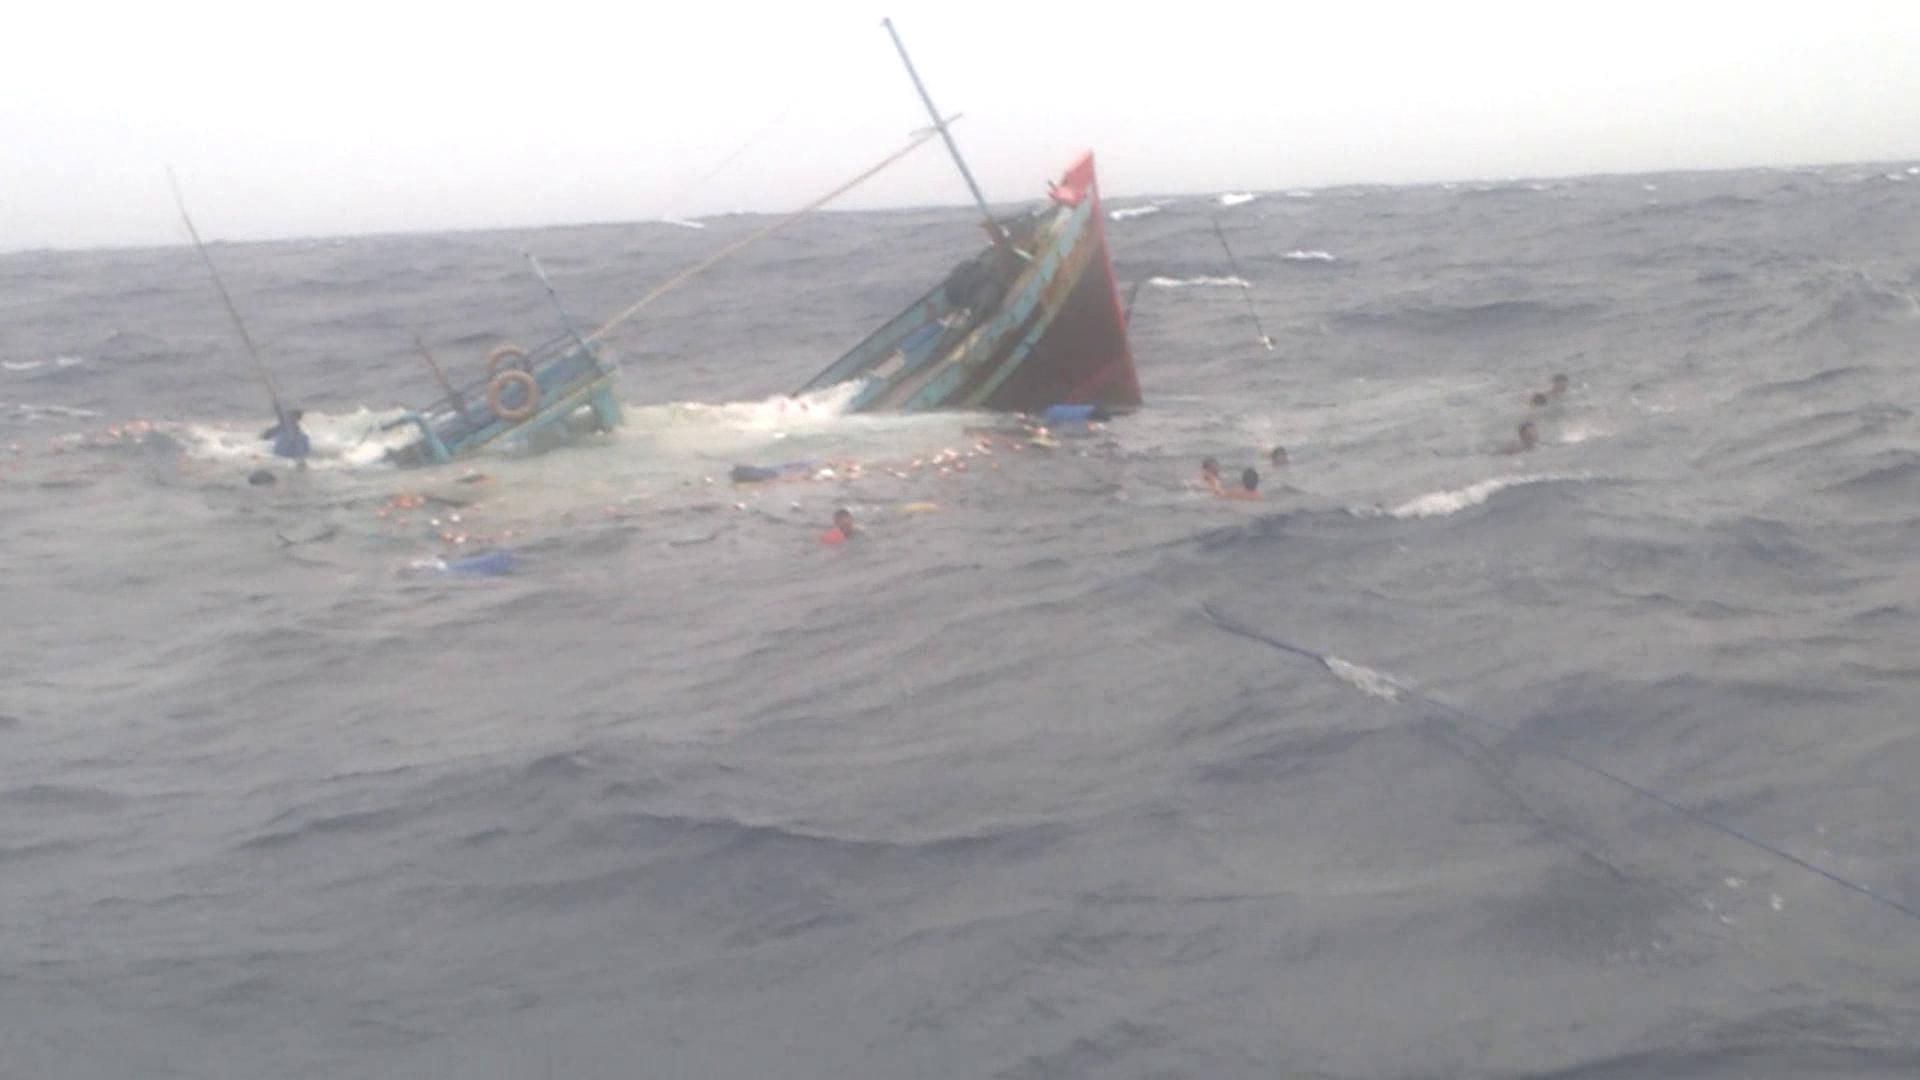 ngư dân, biển Bình Thuận, tại nạn, tàu ngoại